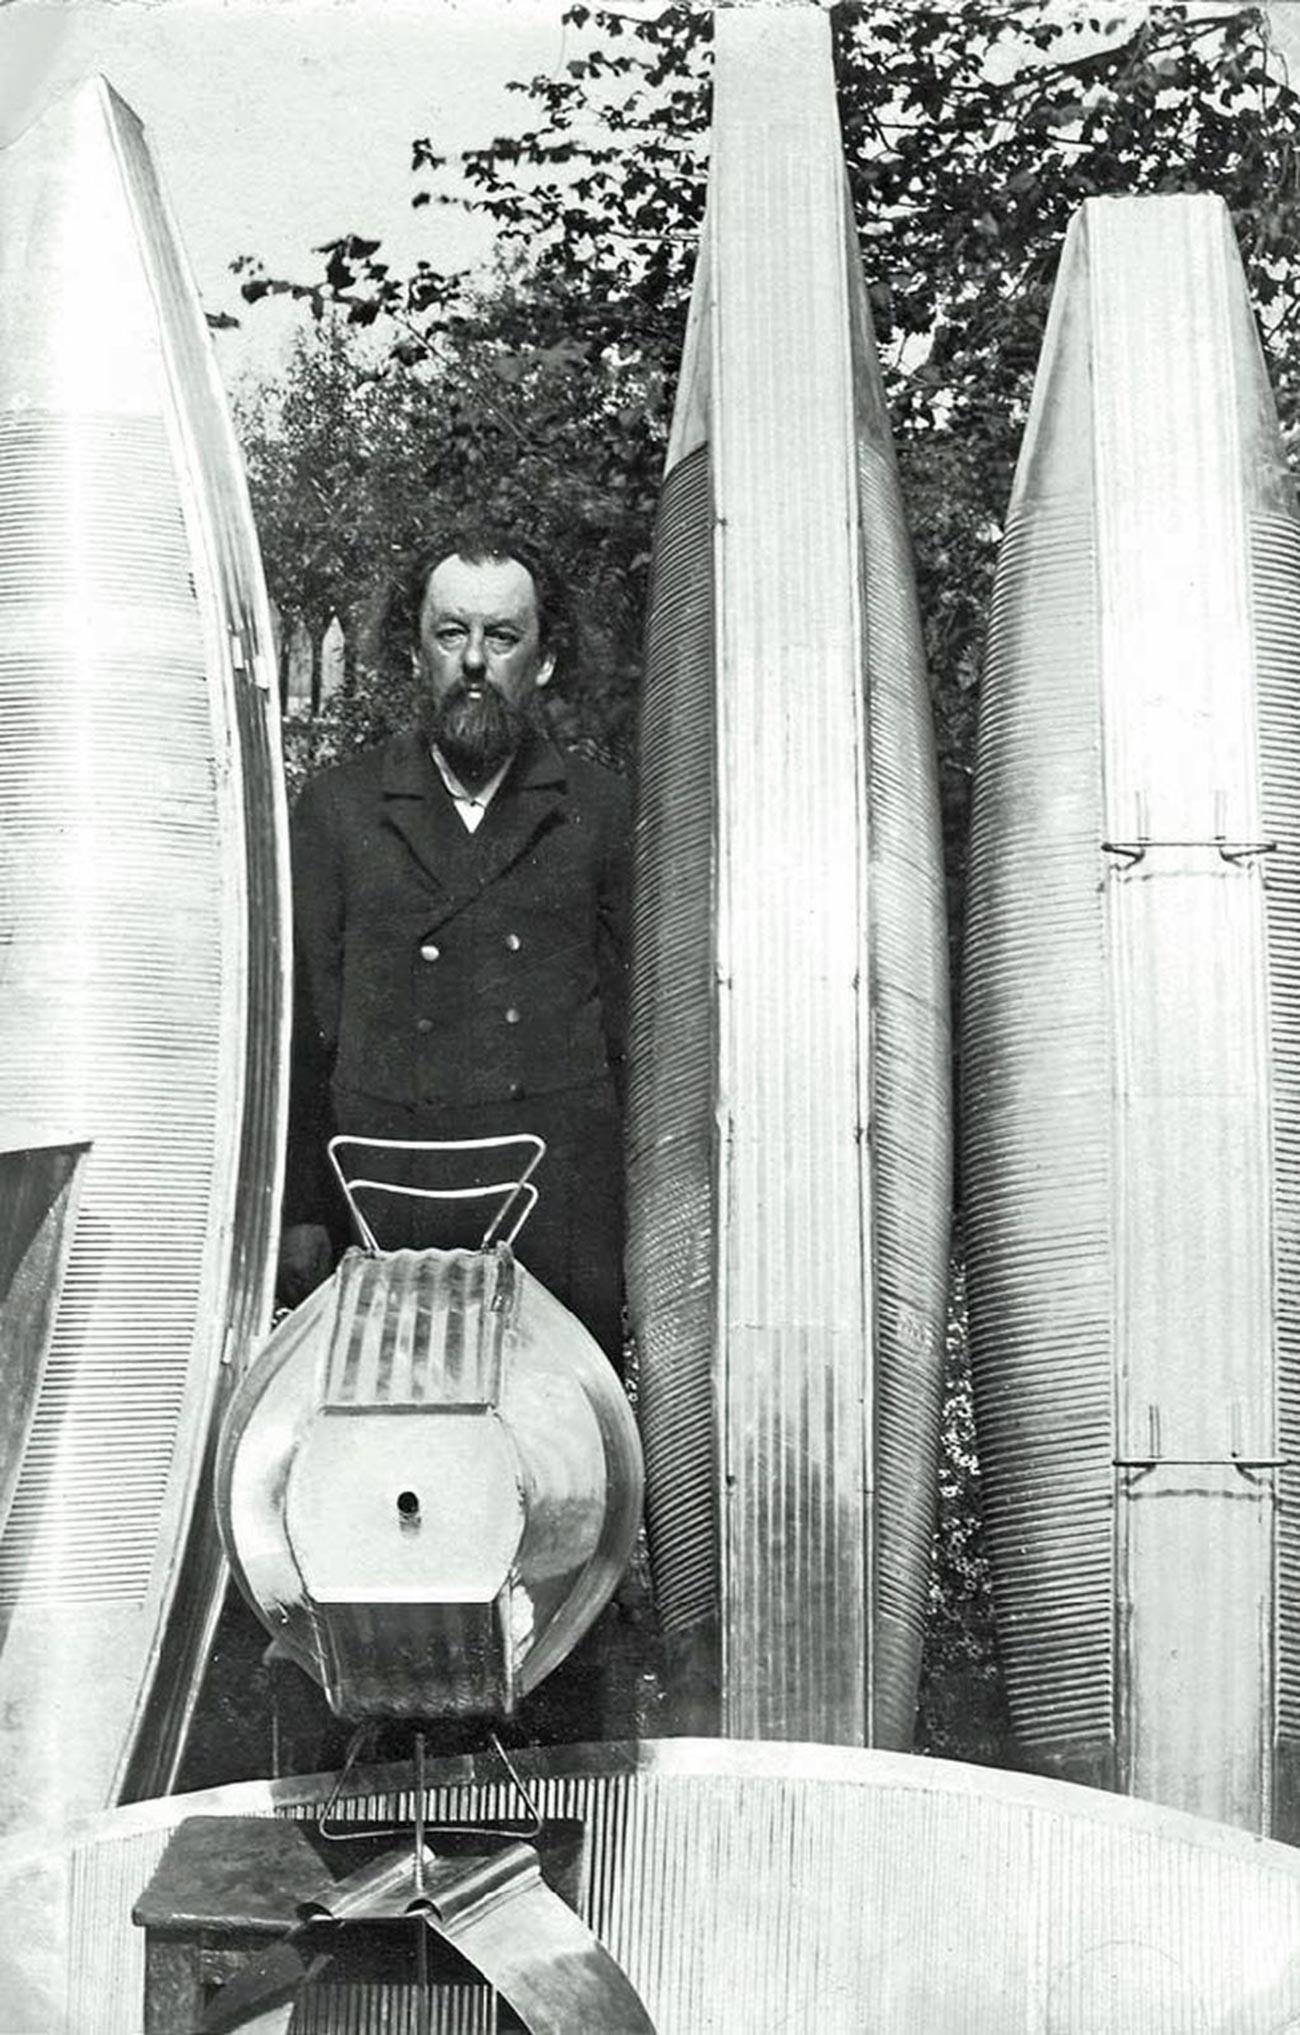 Constantin Tsiolkovski au jardin avec les modèles réduits d'un dirigeable en métal